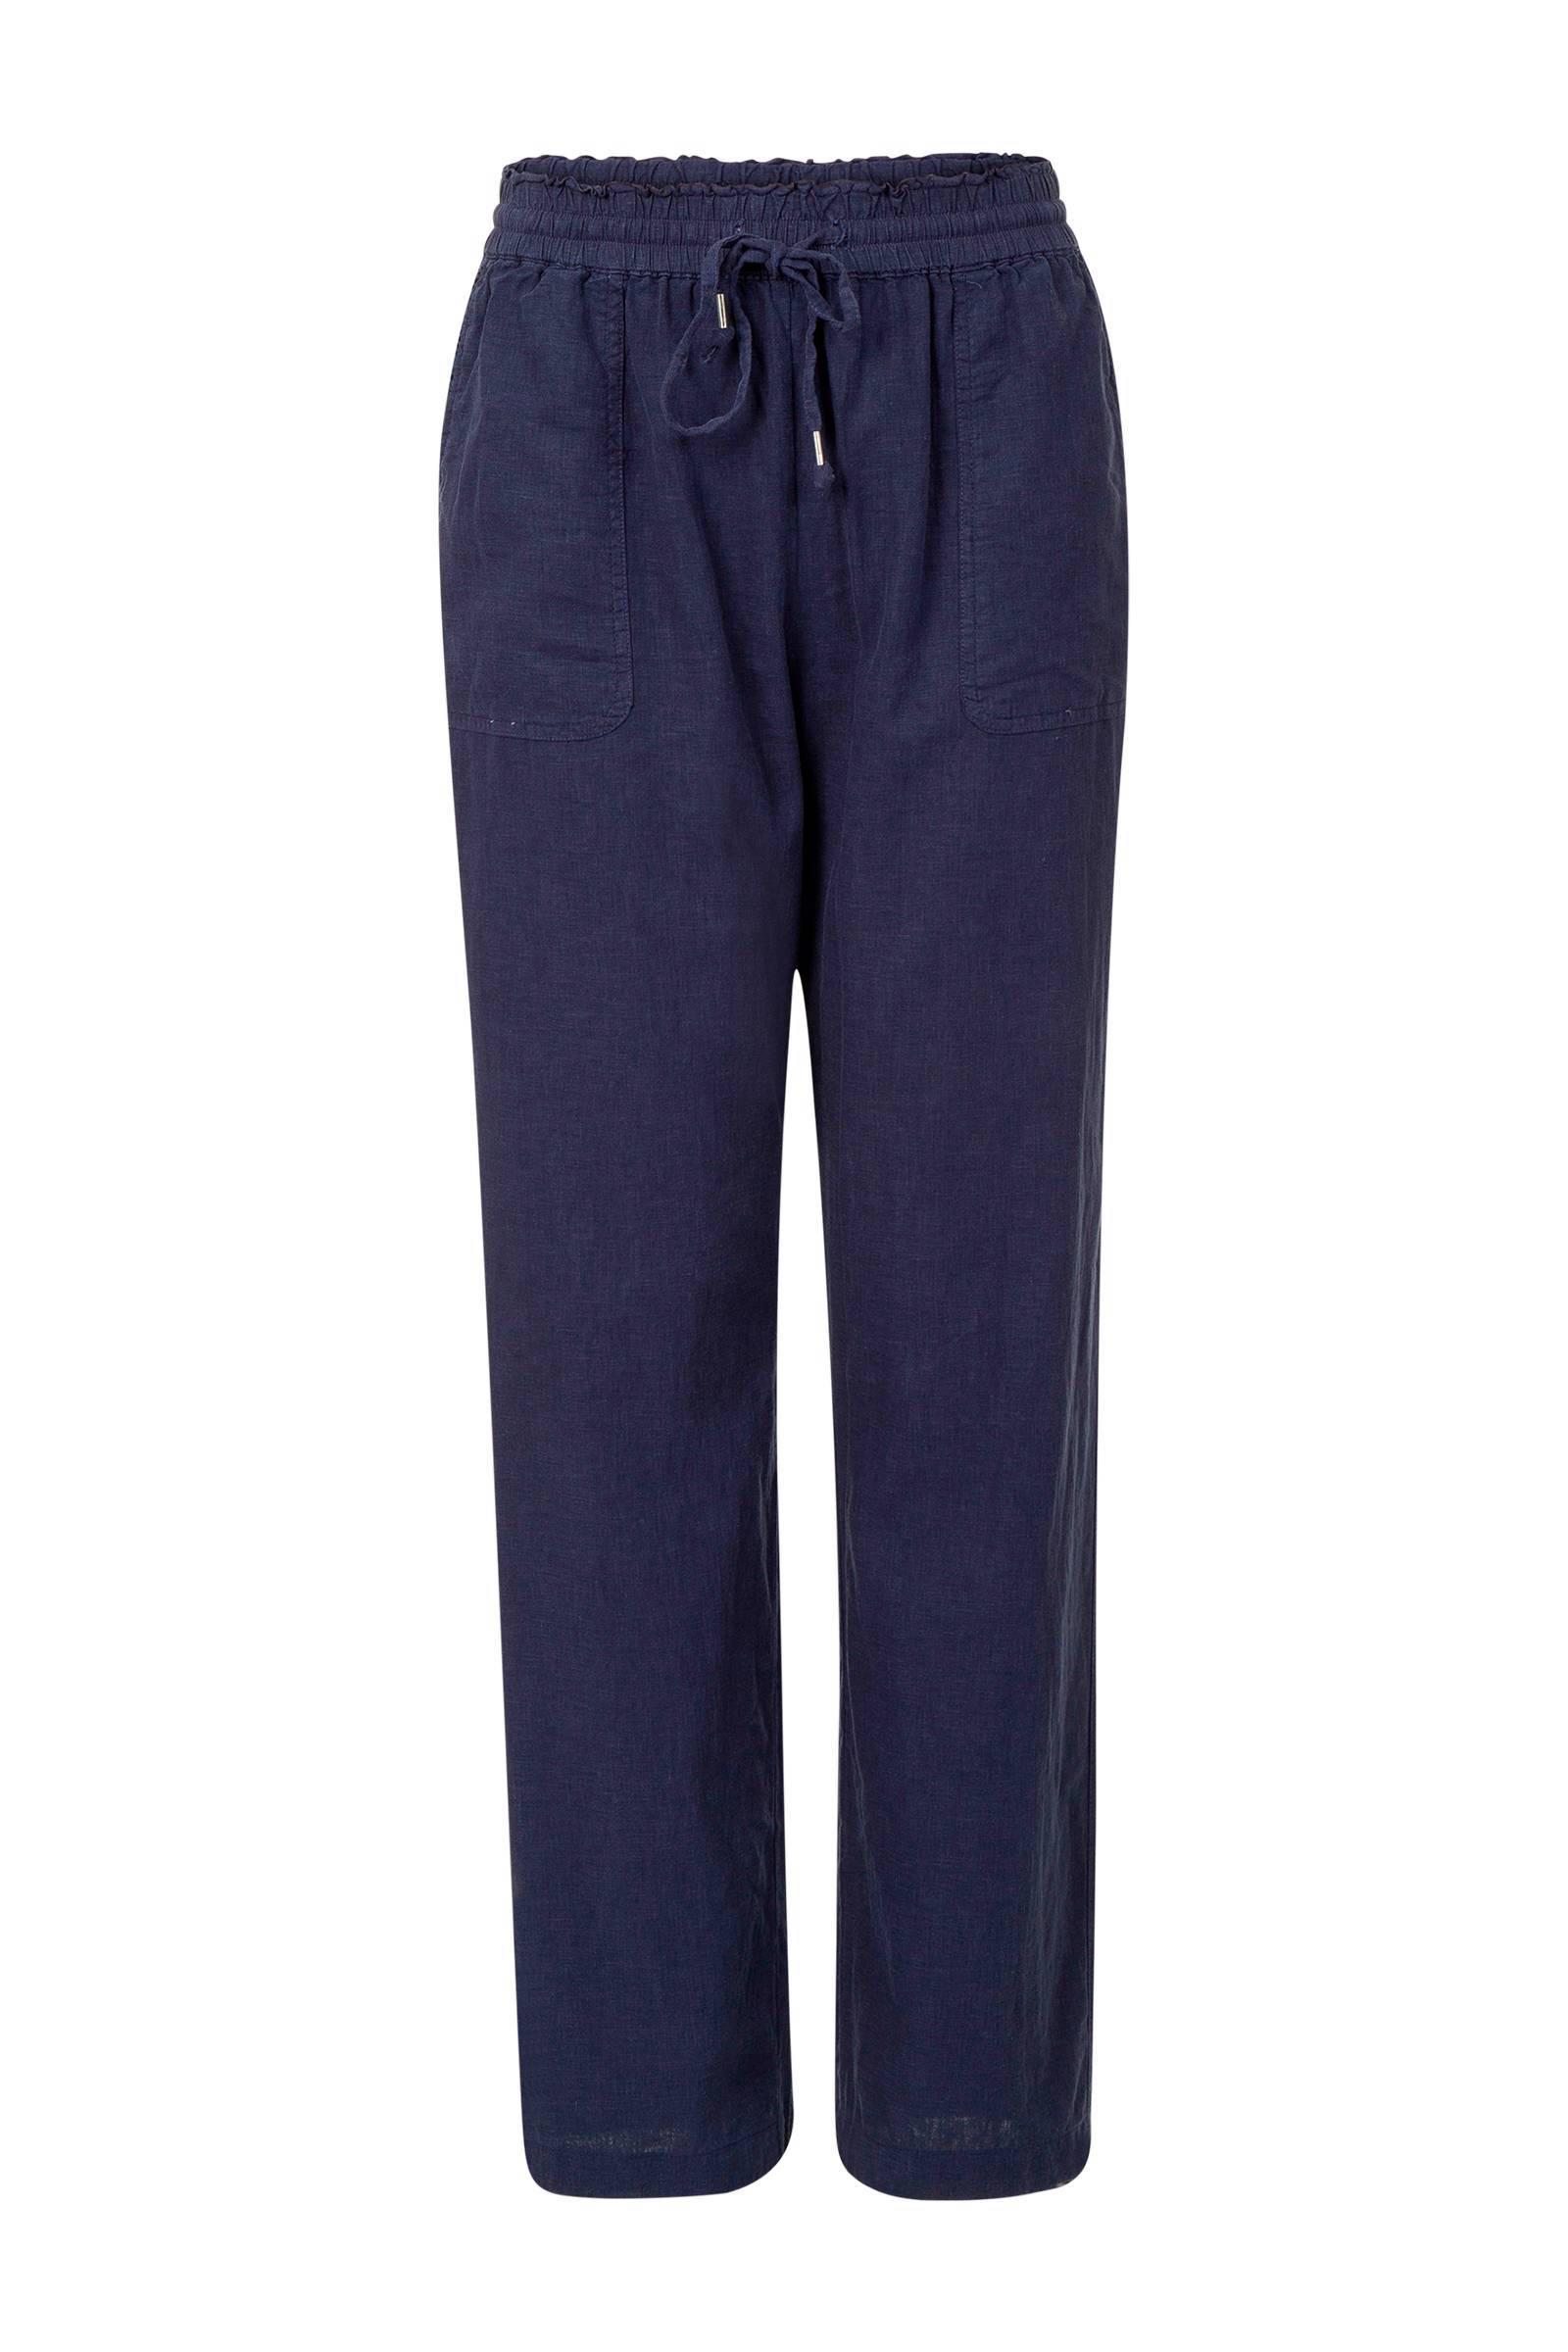 loose fit 78 broek met linnen donkerblauw